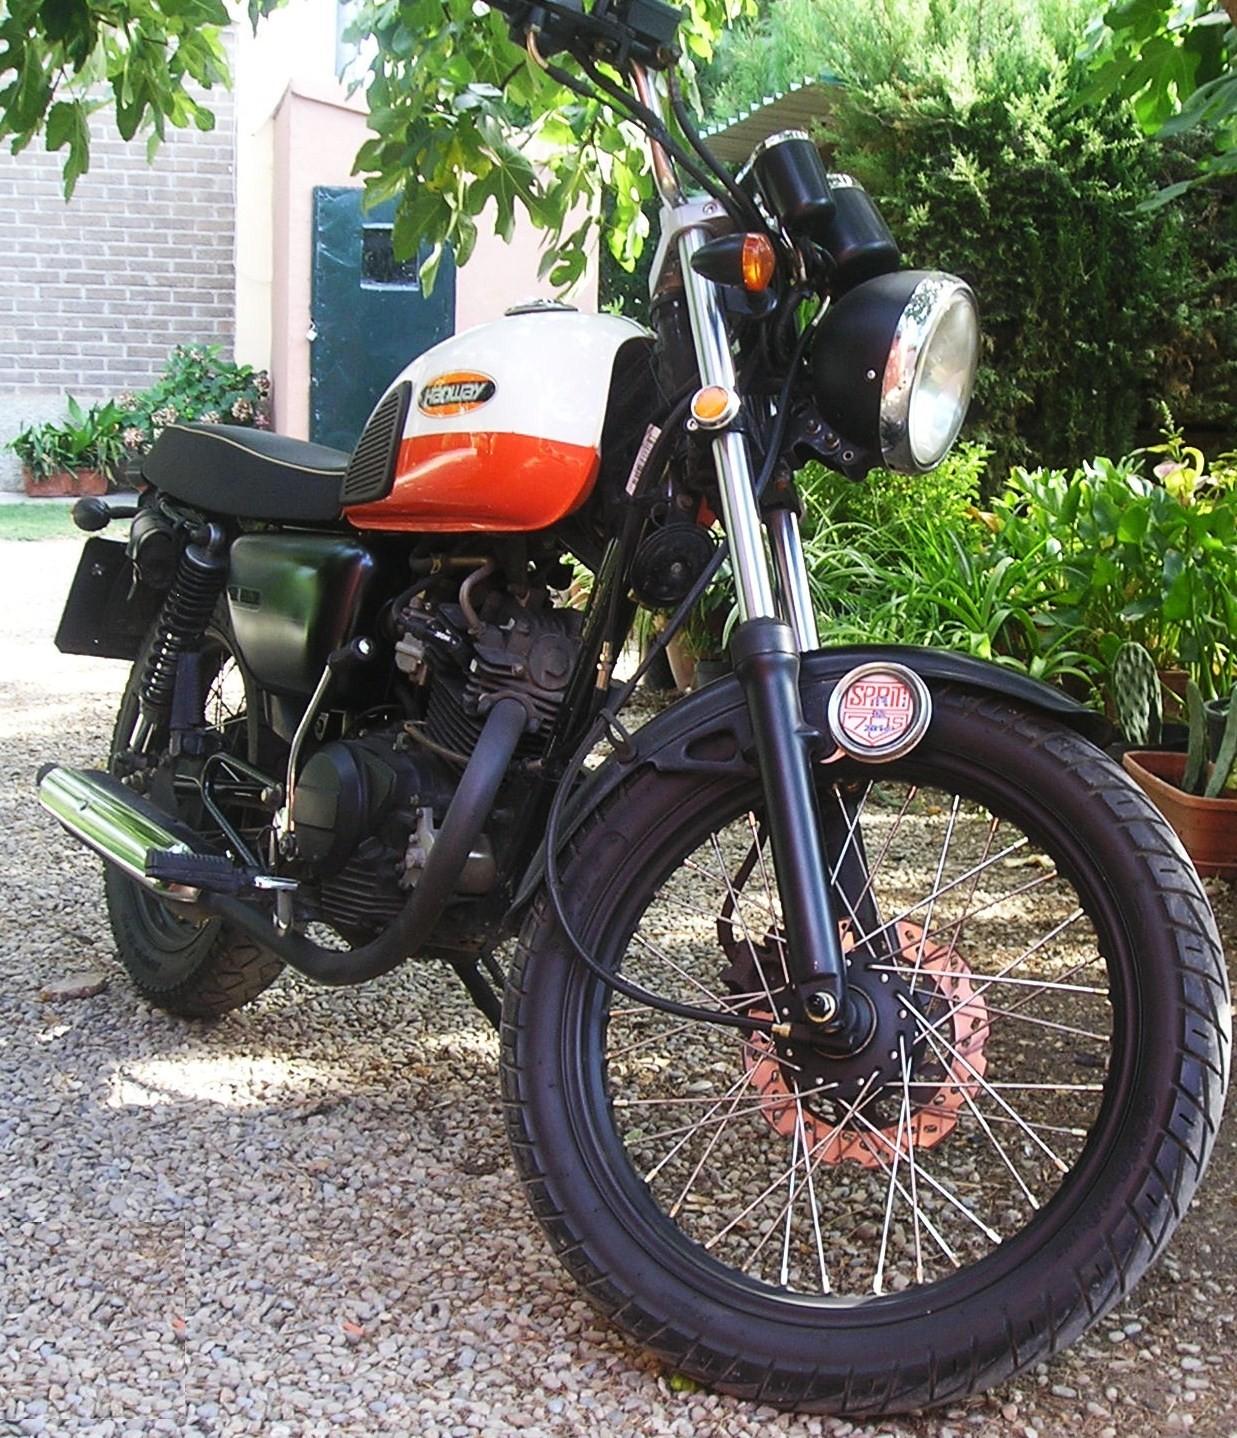 Motos chinas vintage - Página 2 3127imb